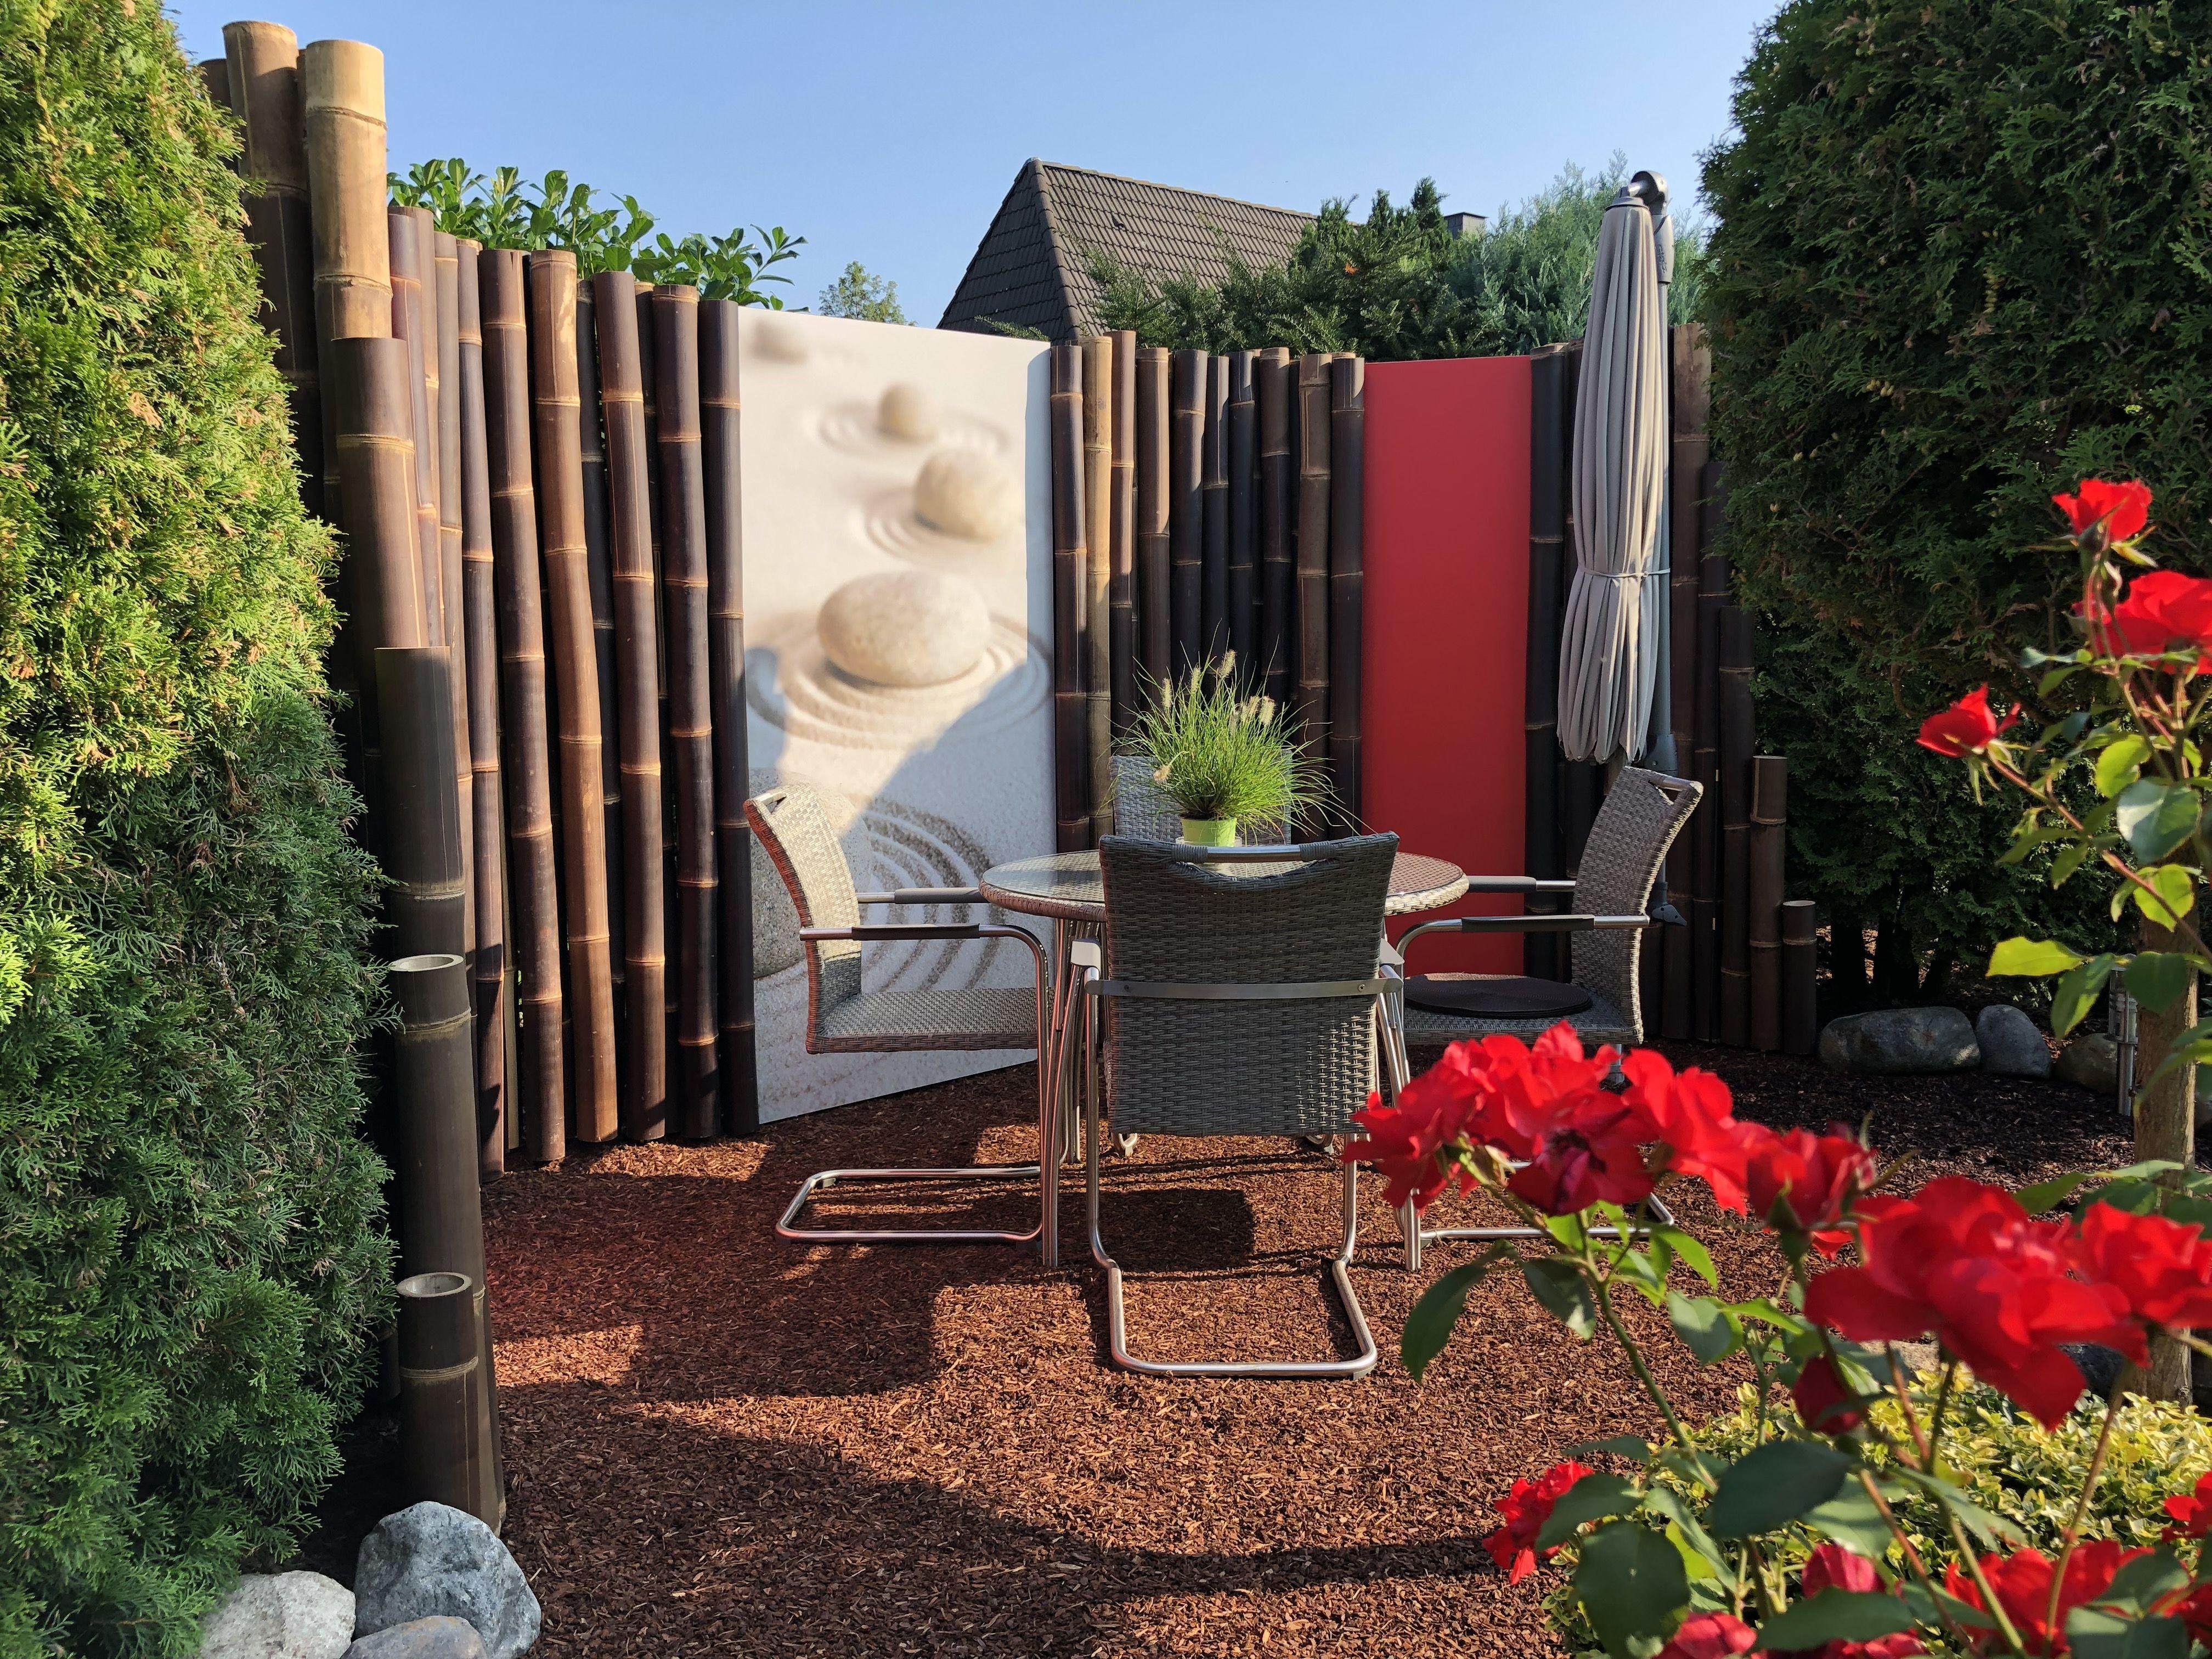 Wohlfuhlecke In 2020 Garten Design Terrassensichtschutz Sichtschutzwande